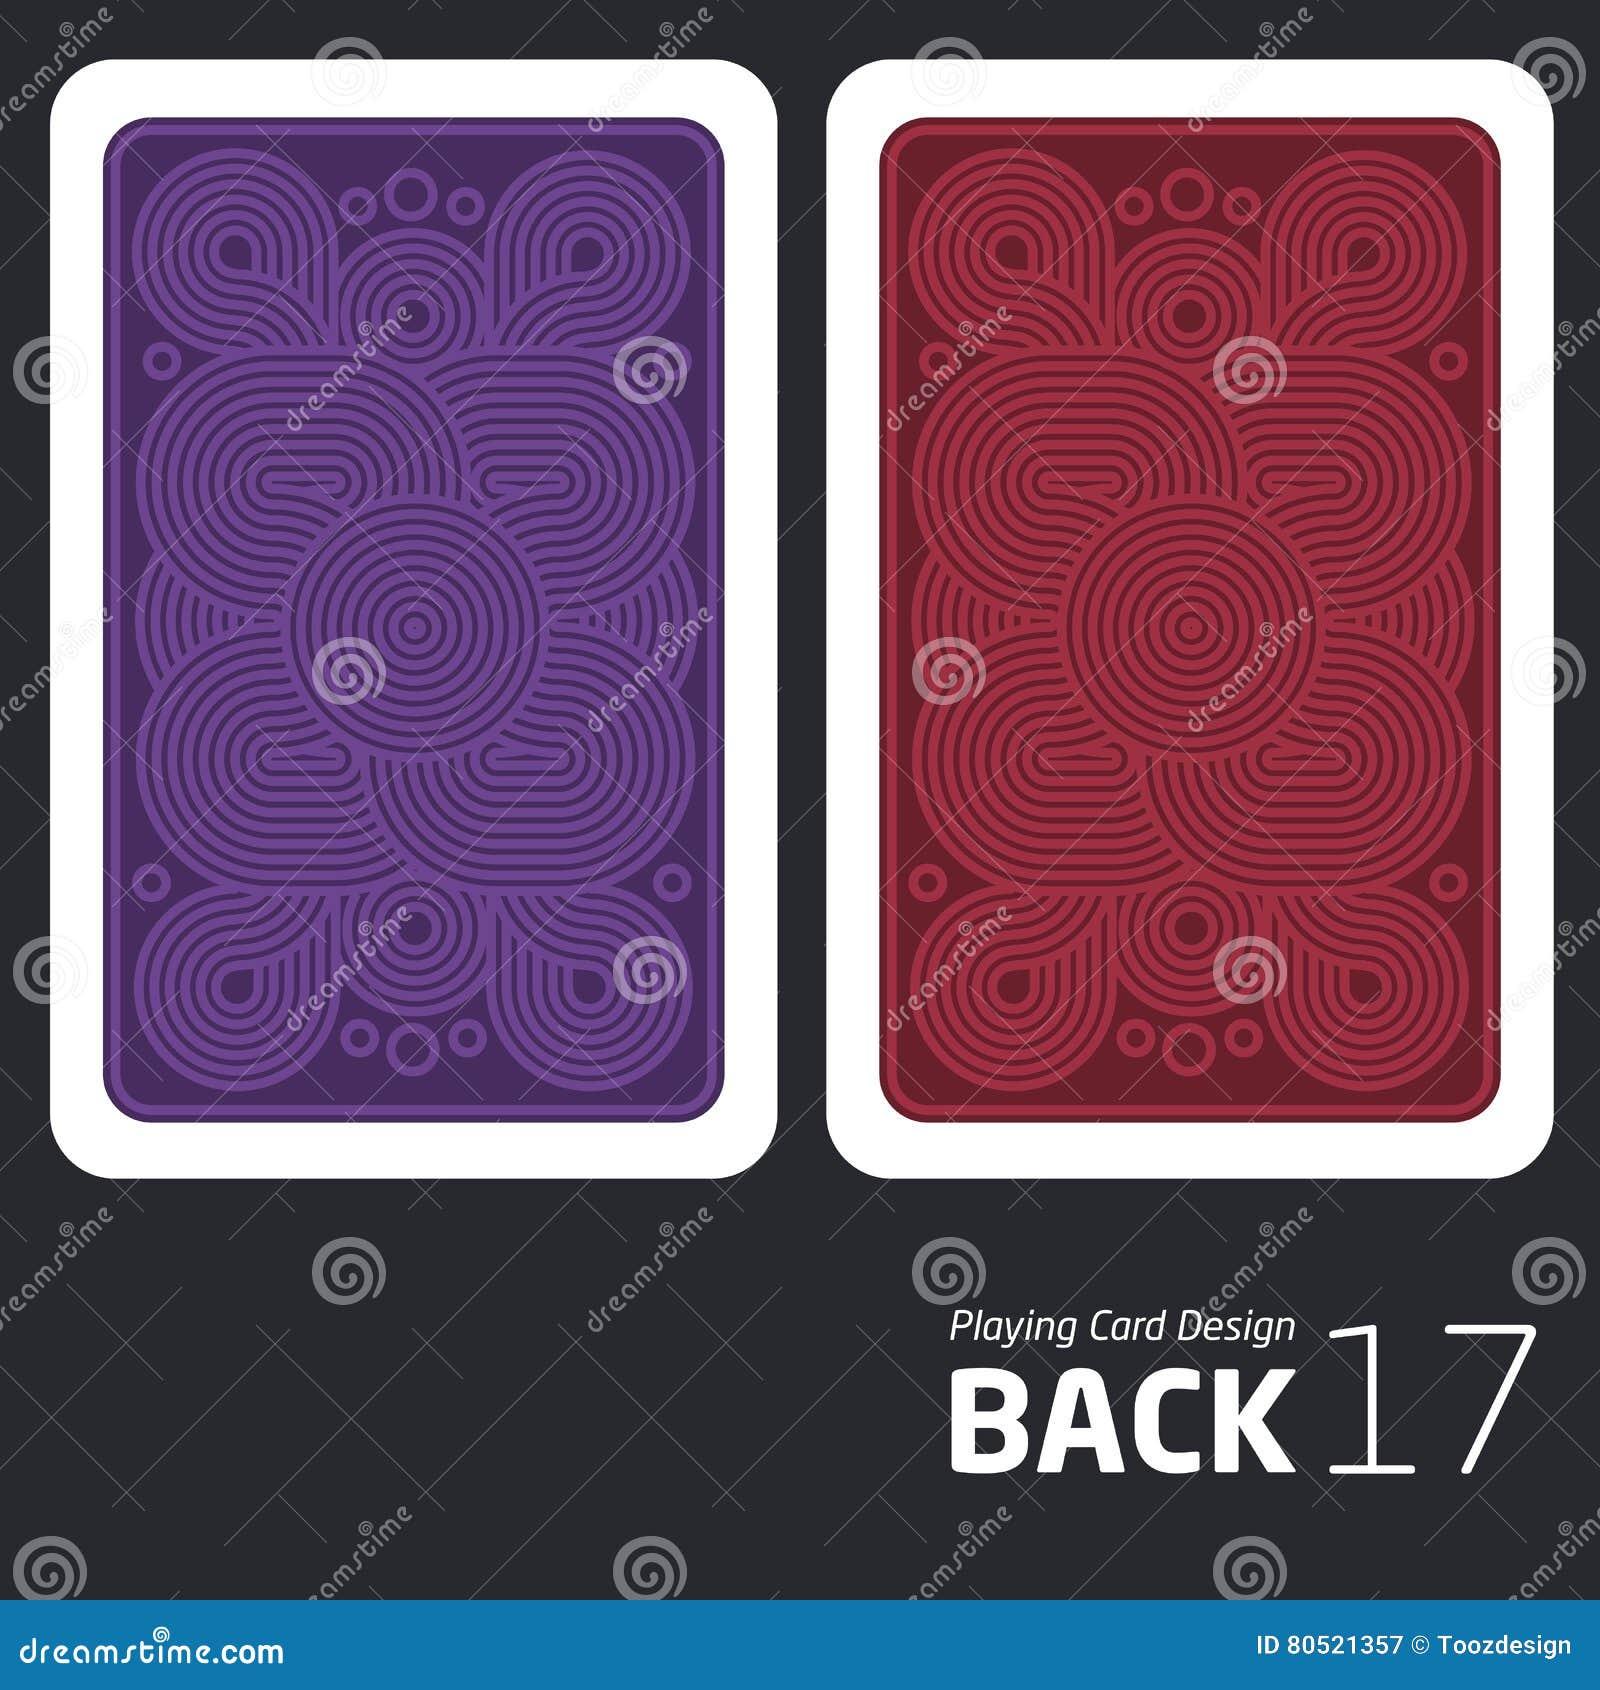 Η αντίστροφη πλευρά μιας κάρτας παιχνιδιού για το blackjack άλλο παιχνίδι με